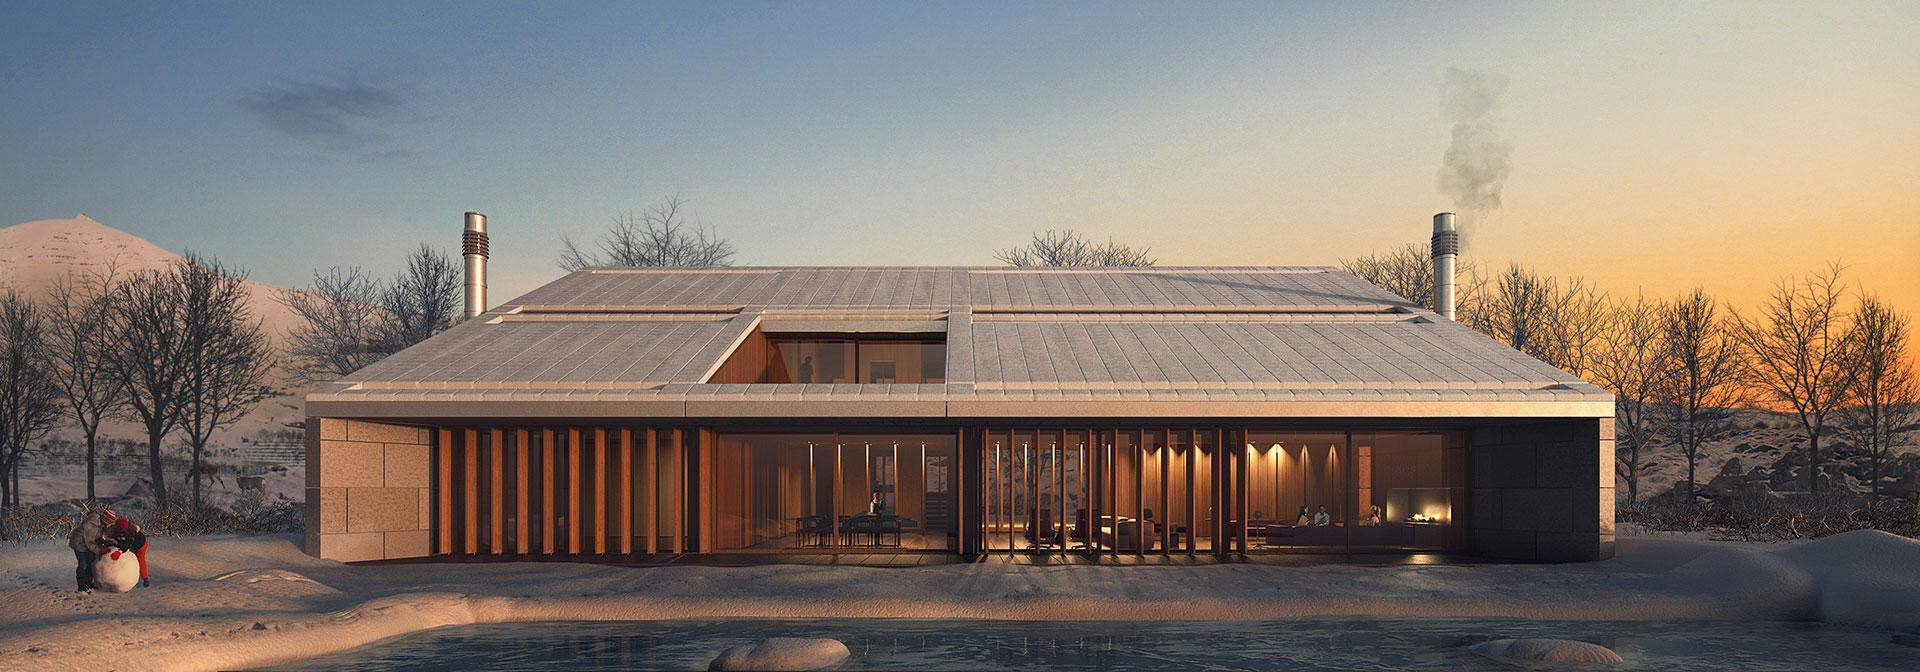 Four Bay House / EAST